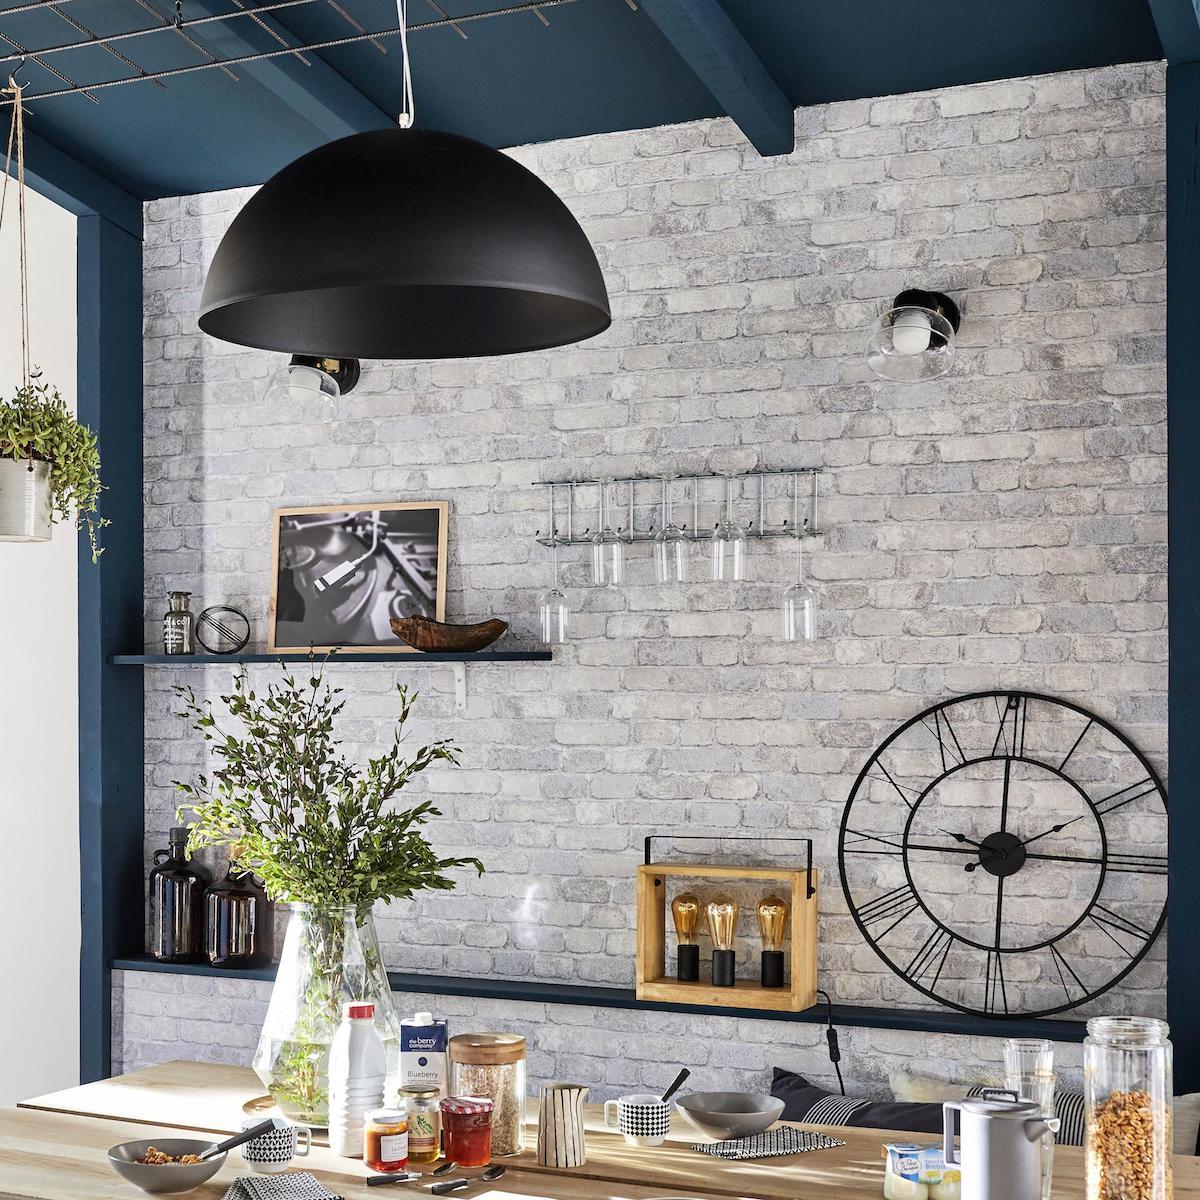 cuisine lumineuse style maison de campagne mur en brique gris peinture bleu marine horloge métallique noire